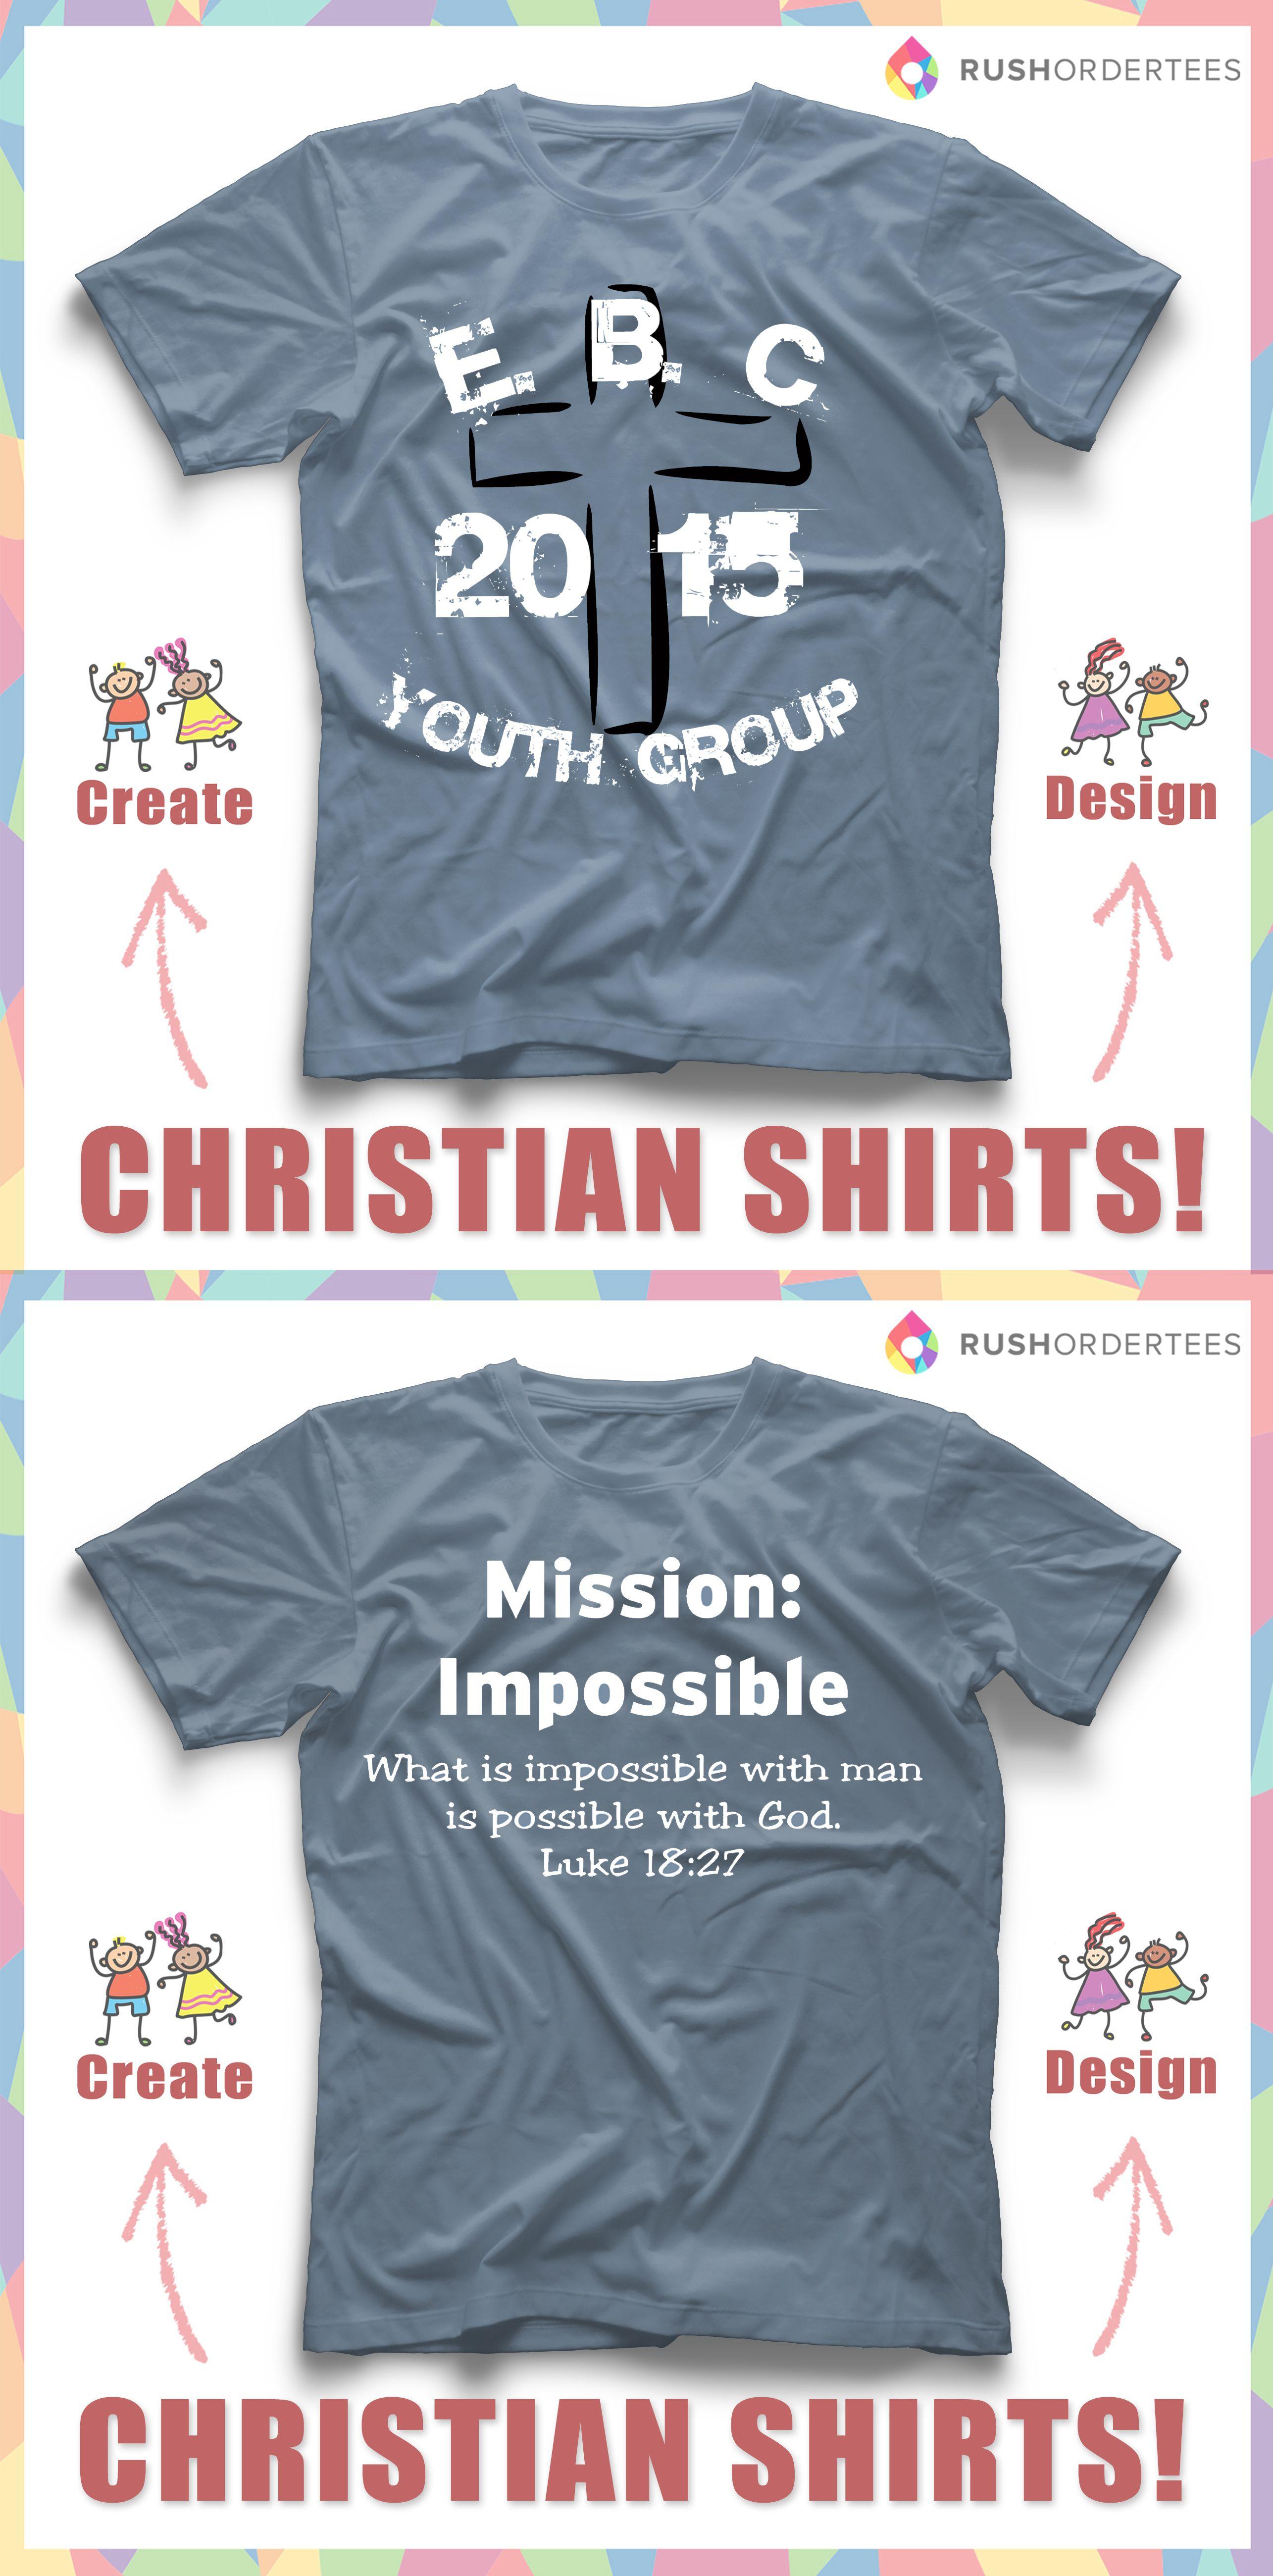 Church T Shirt Idea S Create And Design Your Own Church T Shirt